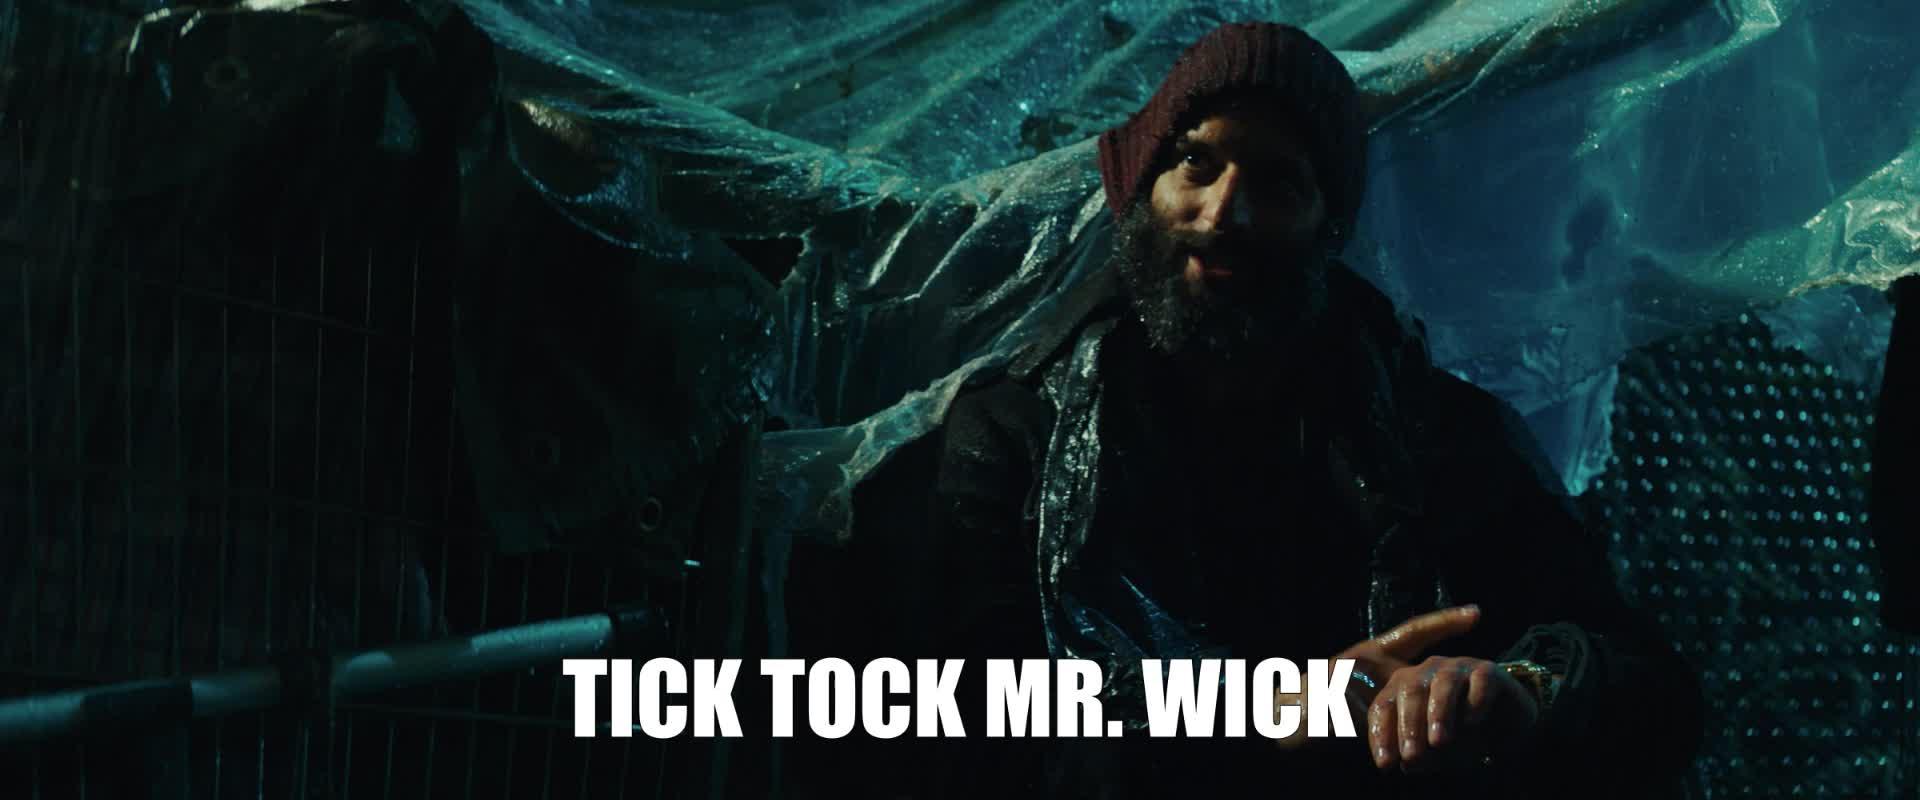 hurry, hurry up, jason mantzoukas, john wick, john wick 3, john wick chapter 3, john wick chapter 3 parabellum, tick tock, time, John Wick Tick Tock Mr Wick GIFs